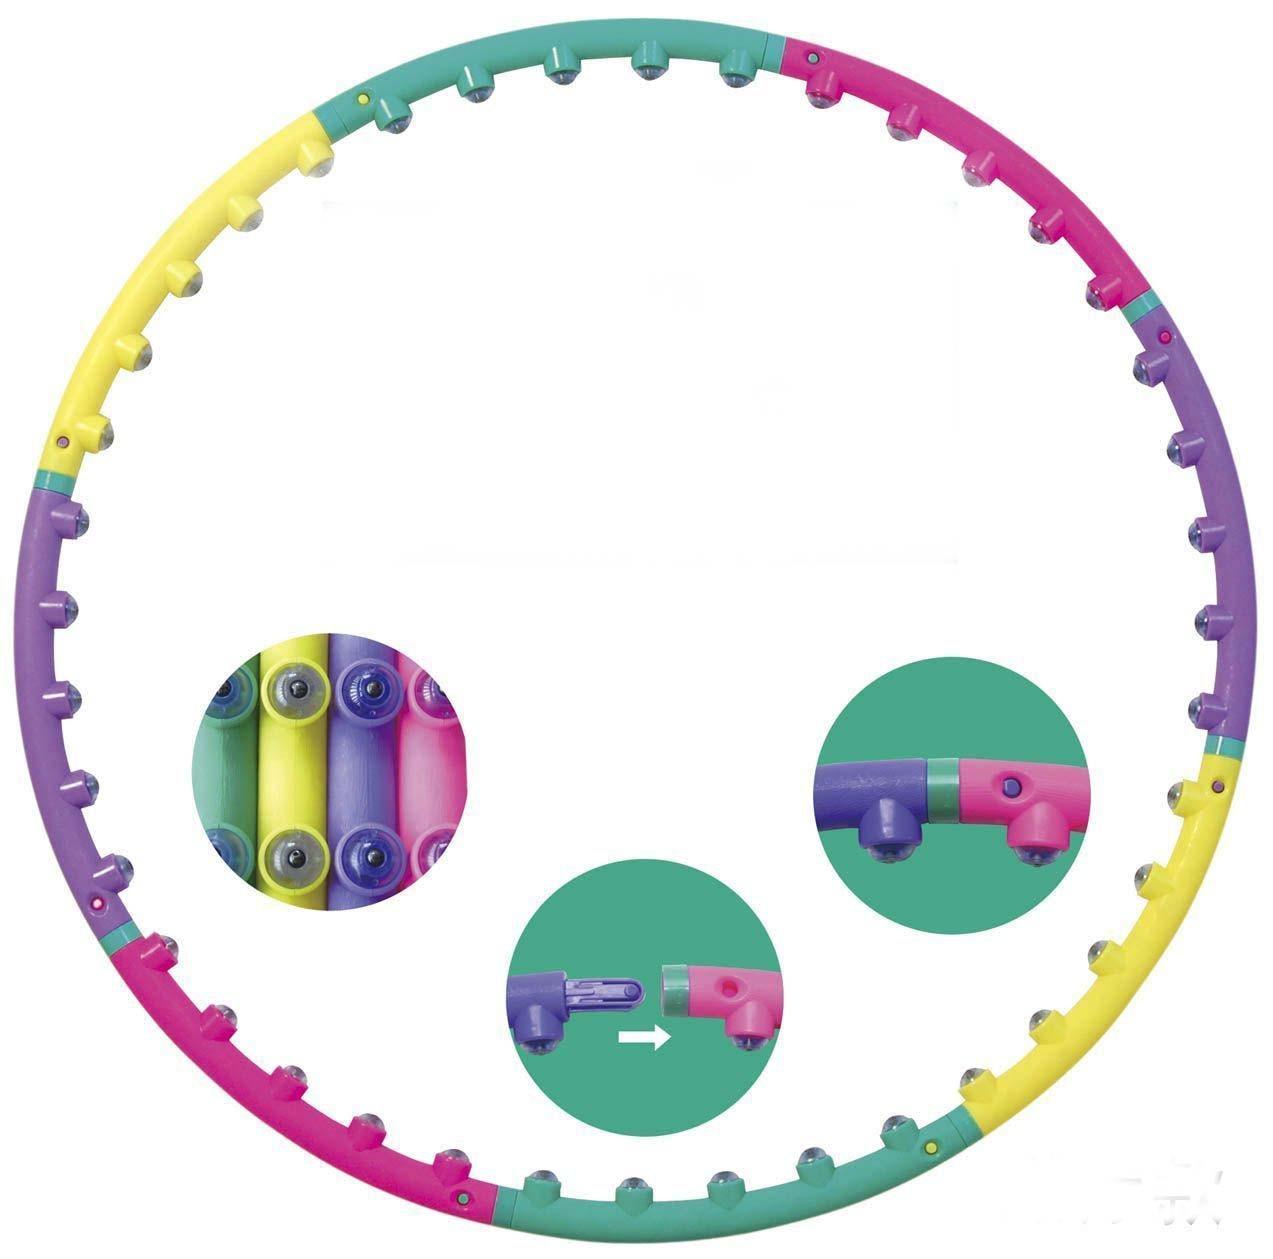 Йога Талия упражнения для похудения спортивные обручи массажные петли кольцо для гимнастики жесткий тубус круг для женщин снижение веса фитнес оборудование